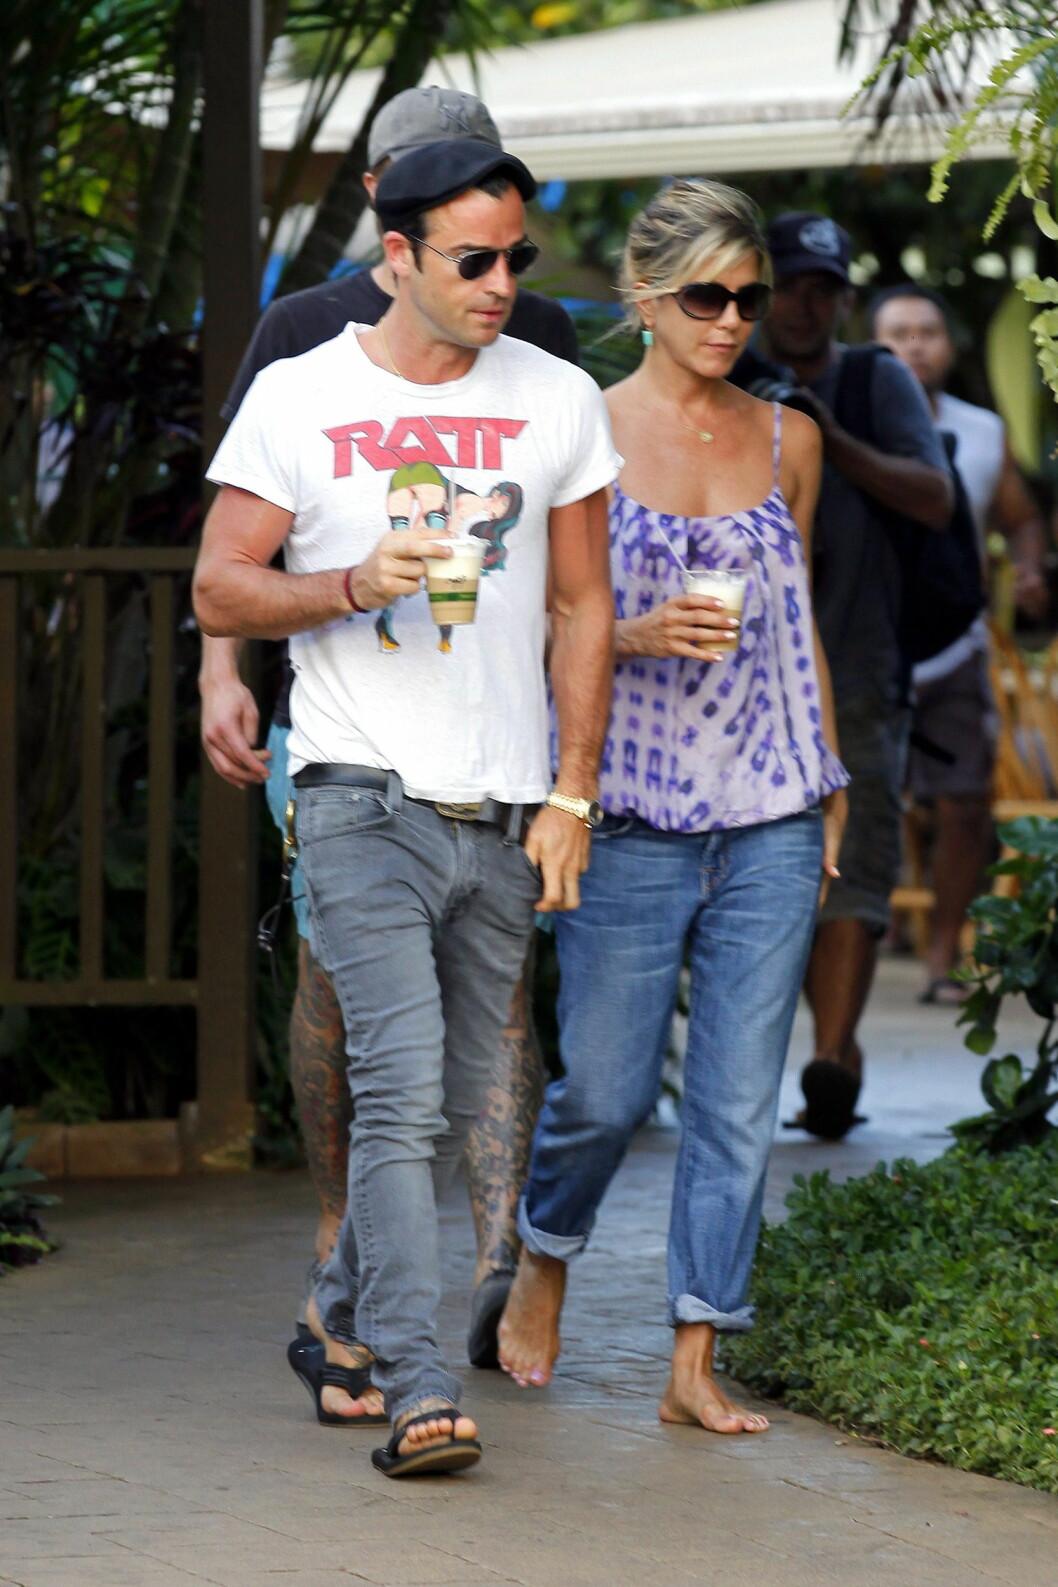 PLEIER KJÆRLIGHETEN: Både Jennifer og Justin elsker Hawaii, nå har de bestemt seg for å gift seg her. De har feriert i den vakre øygruppen flere ganger, her fra en romantisk ferie i 2011.   Foto: X17online.com